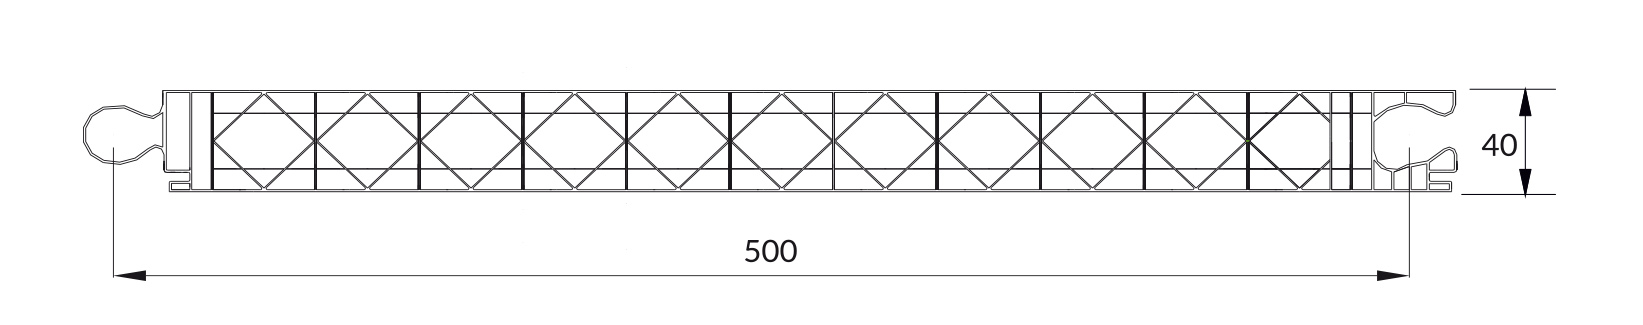 MEDIDA VICOCLICK 500LP